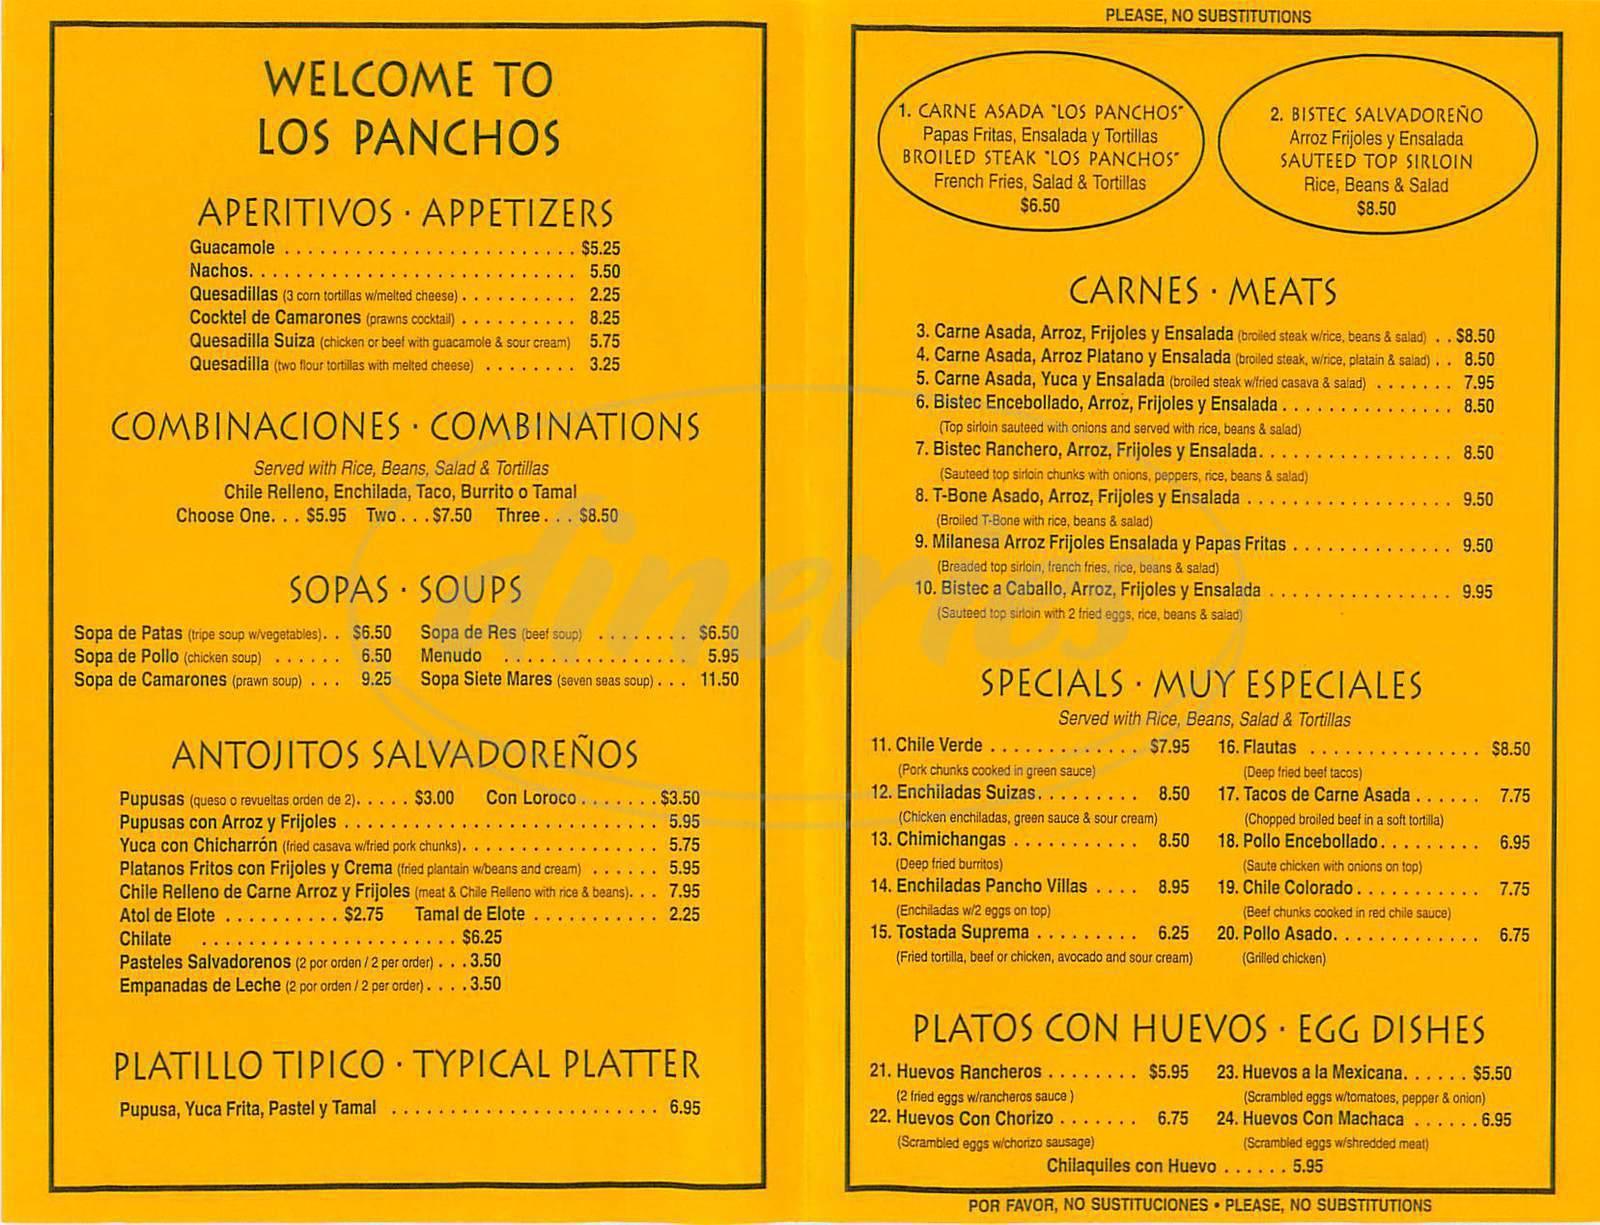 menu for Los Panchos